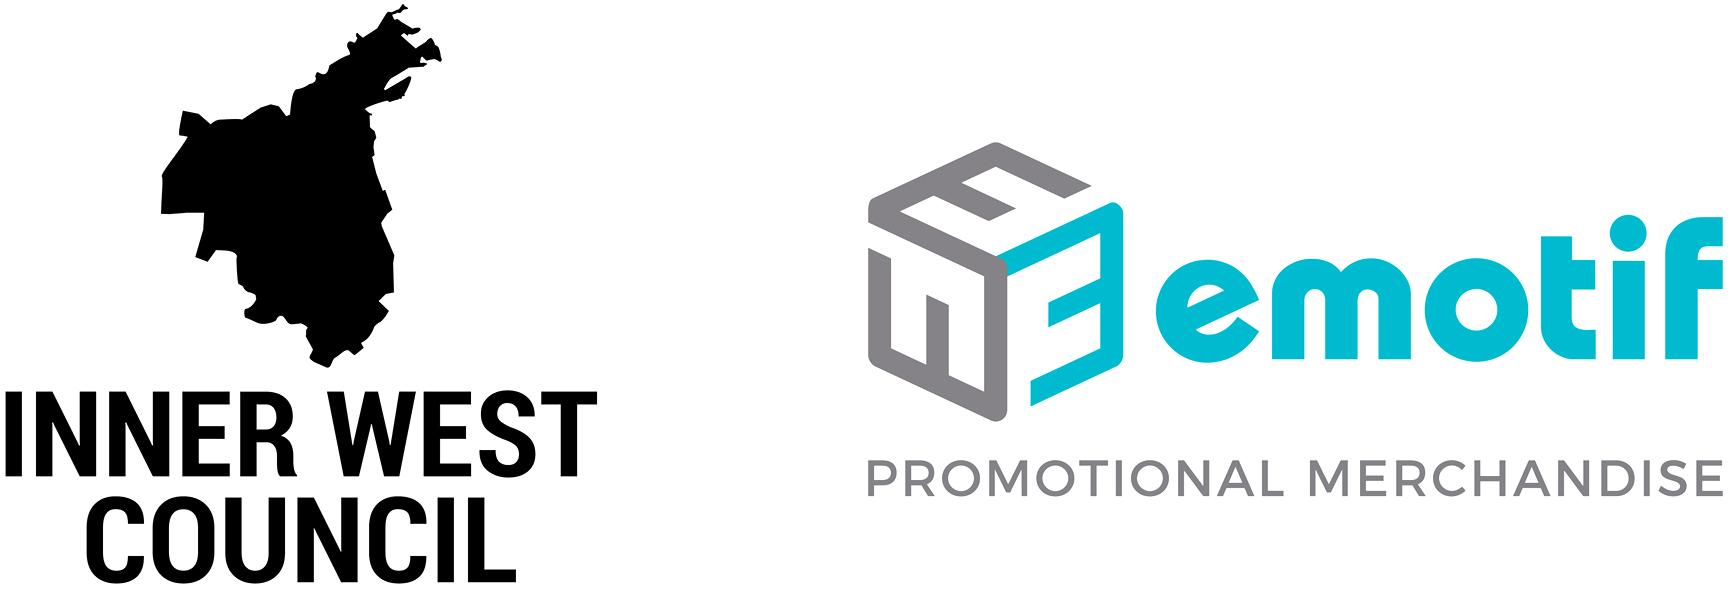 Supporter logo image.jpg